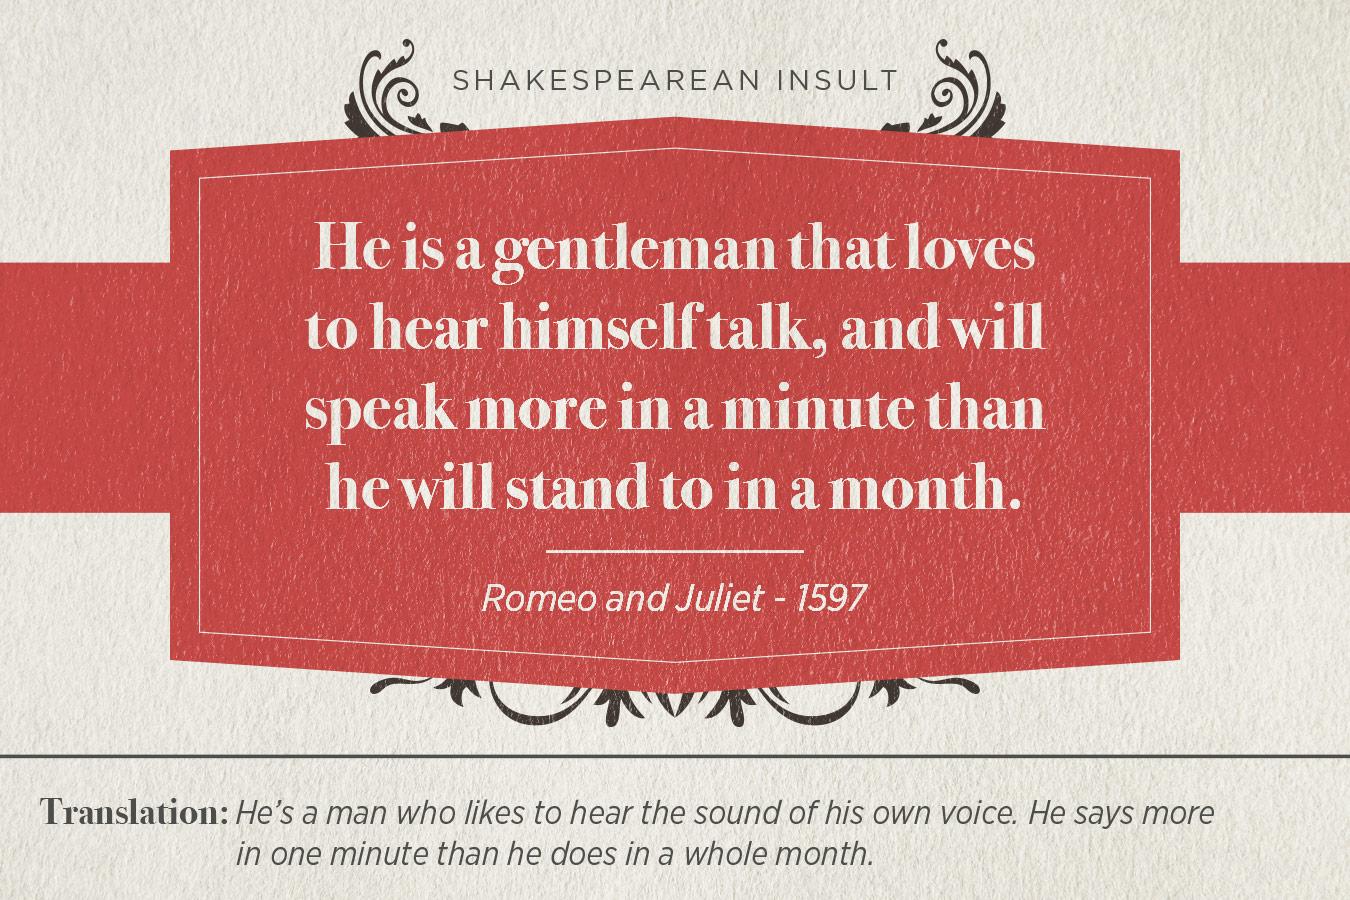 insult-loves-to-talk.jpg